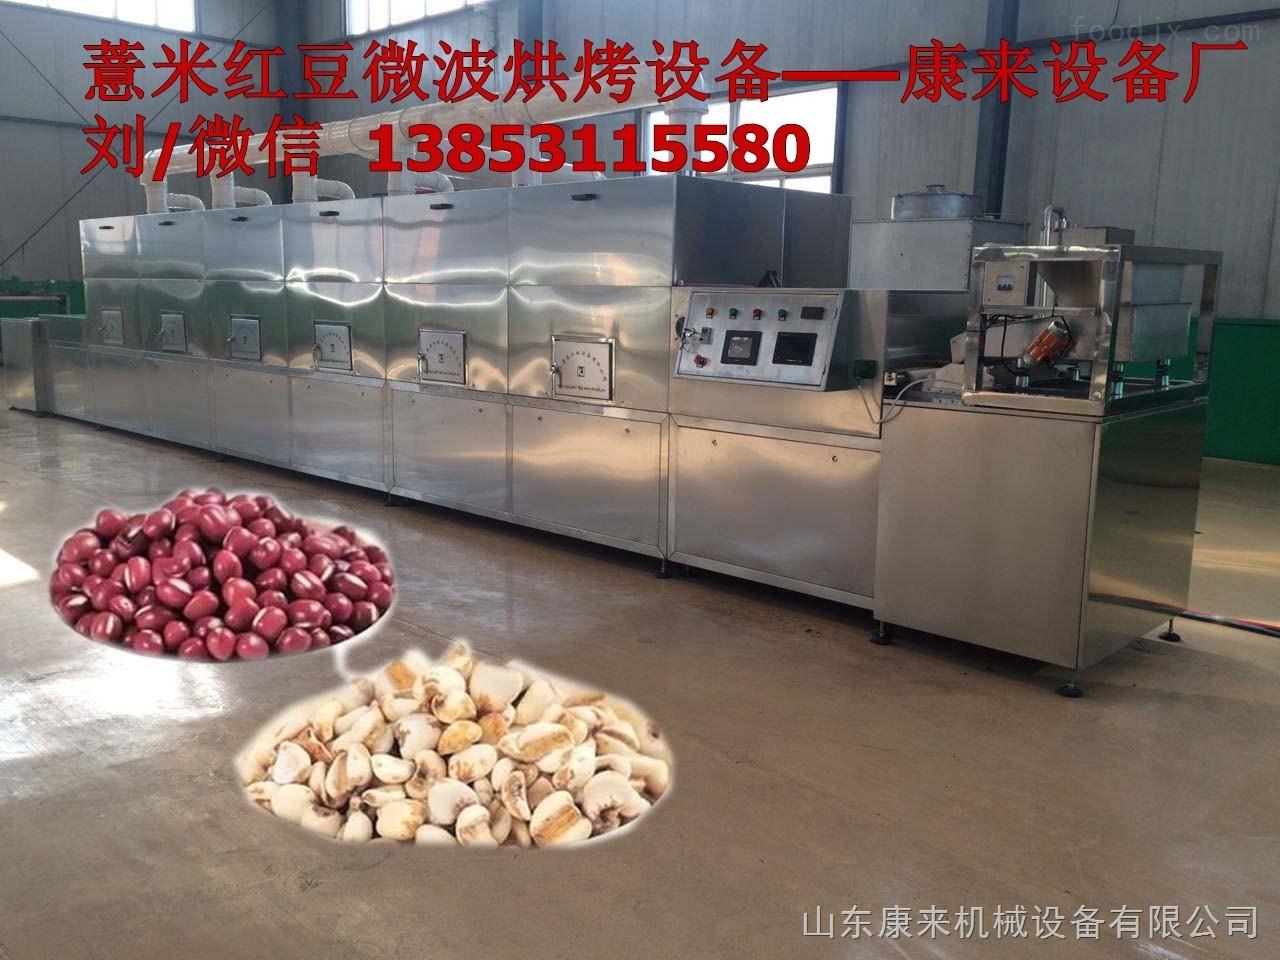 薏米烘熟设备,薏米低温烘熟设备,薏米烘熟设备价格